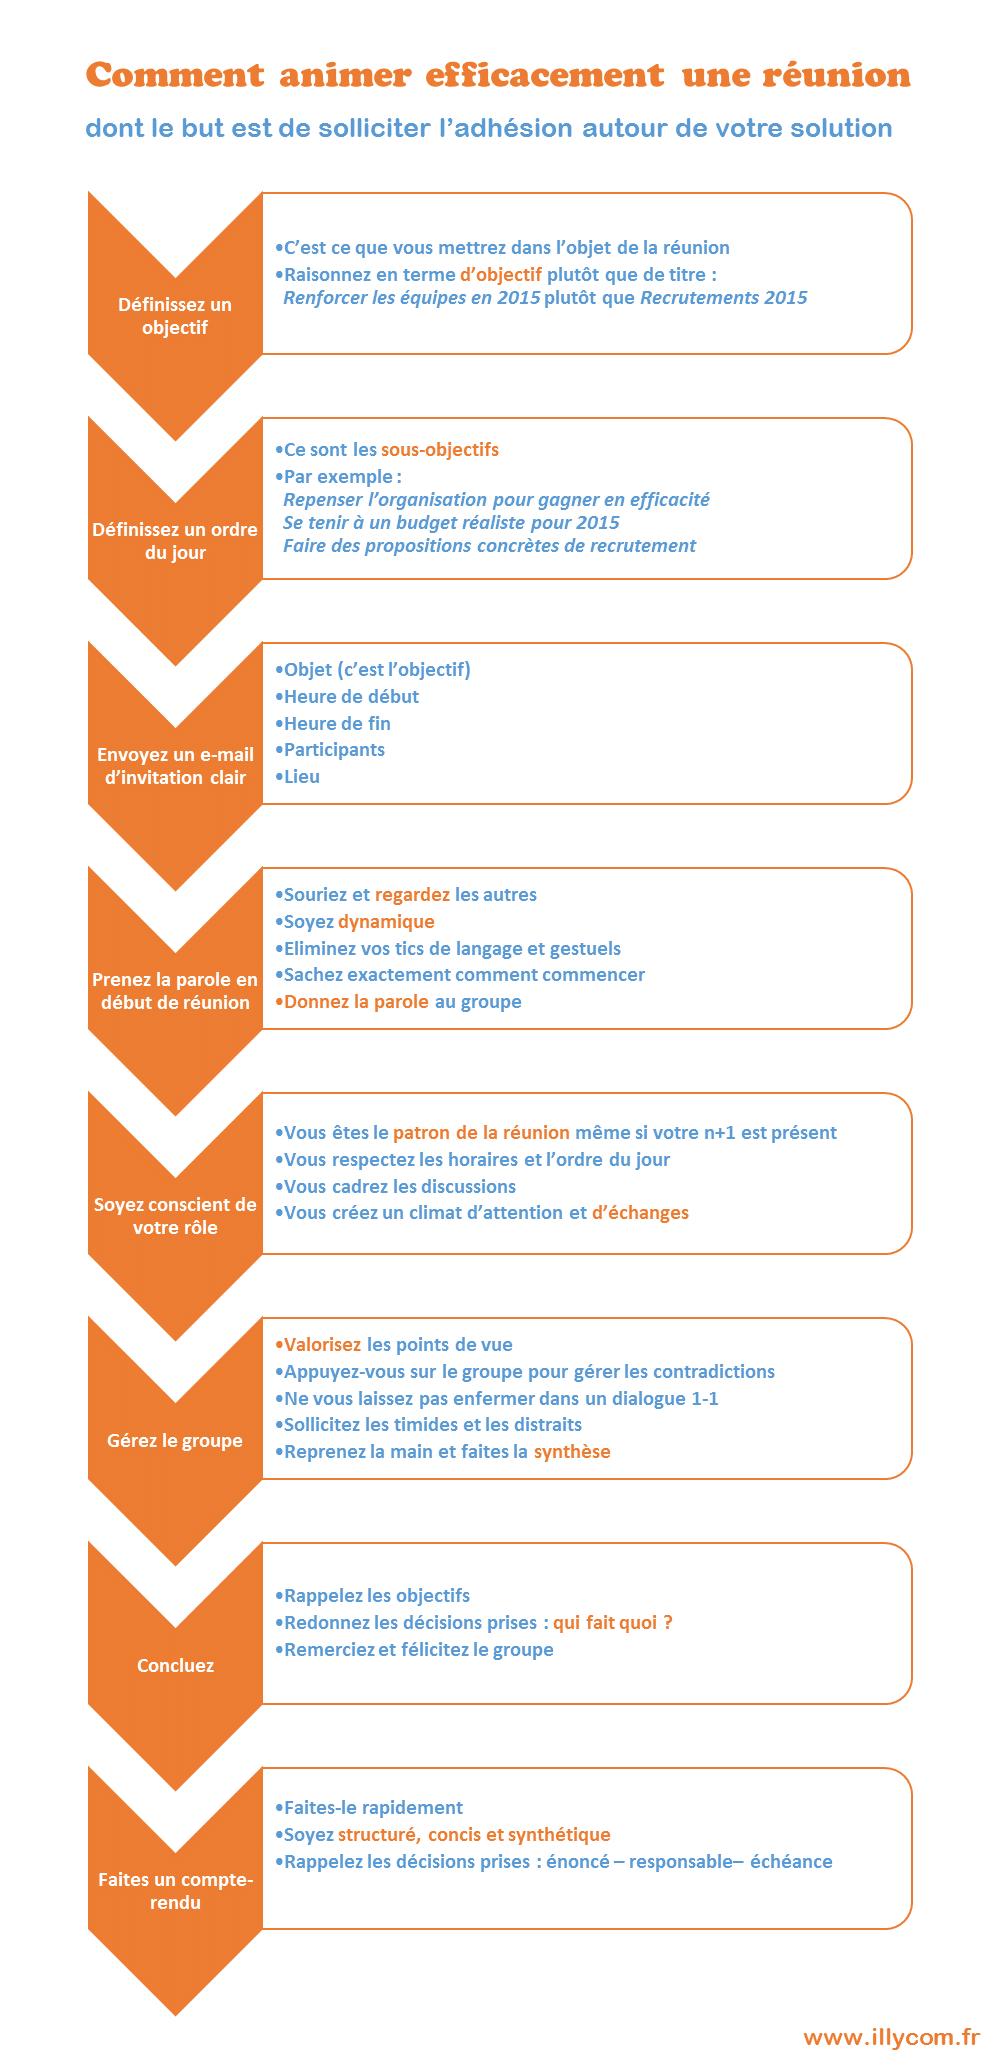 infographie animer une r u00e9union efficace